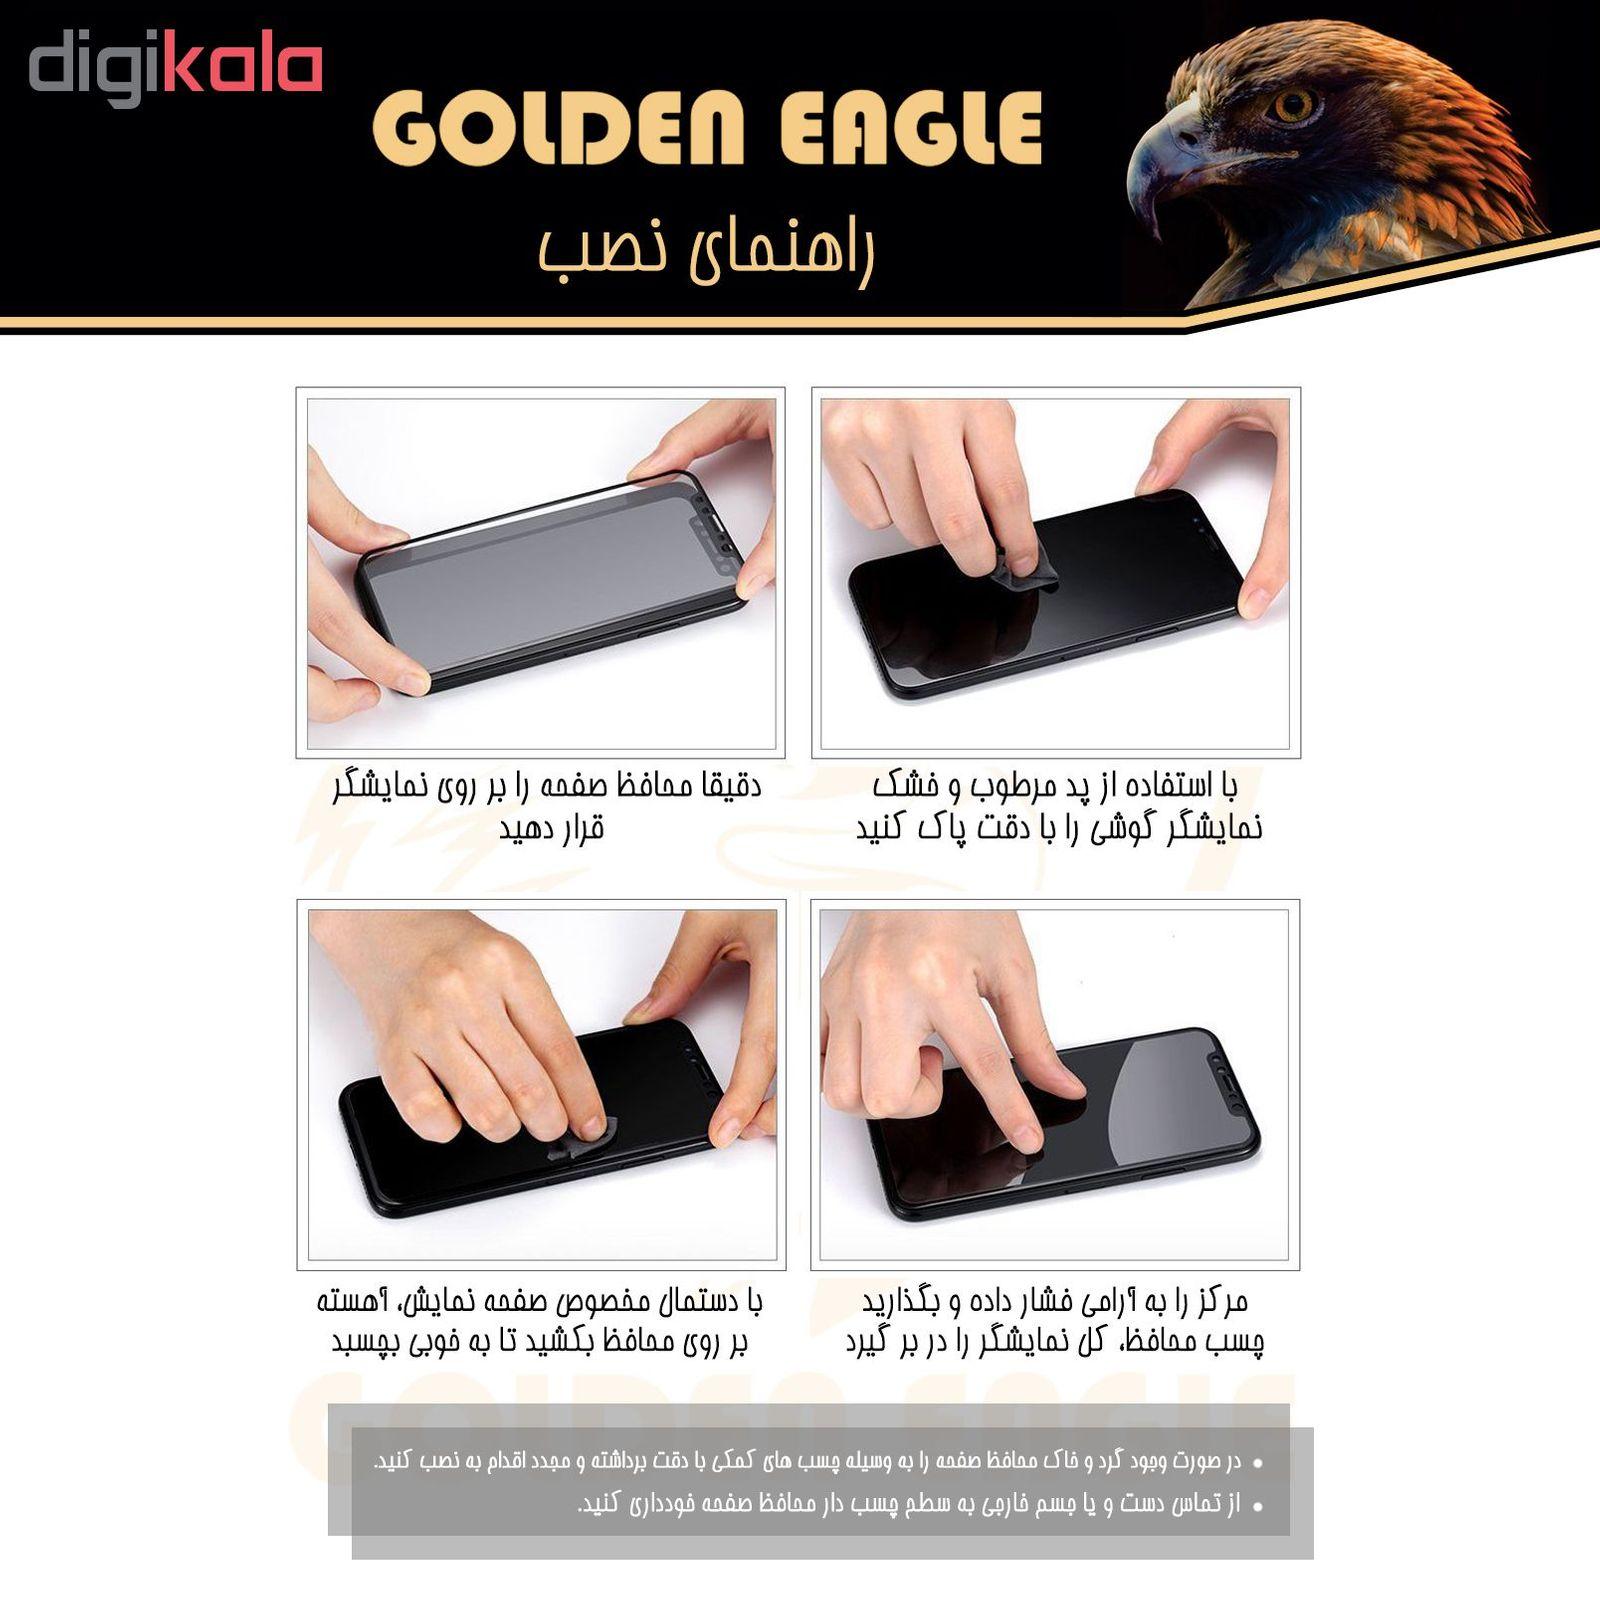 محافظ صفحه نمایش گلدن ایگل مدل DFC-X3 مناسب برای گوشی موبایل سامسونگ Galaxy M20 بسته سه عددی main 1 4